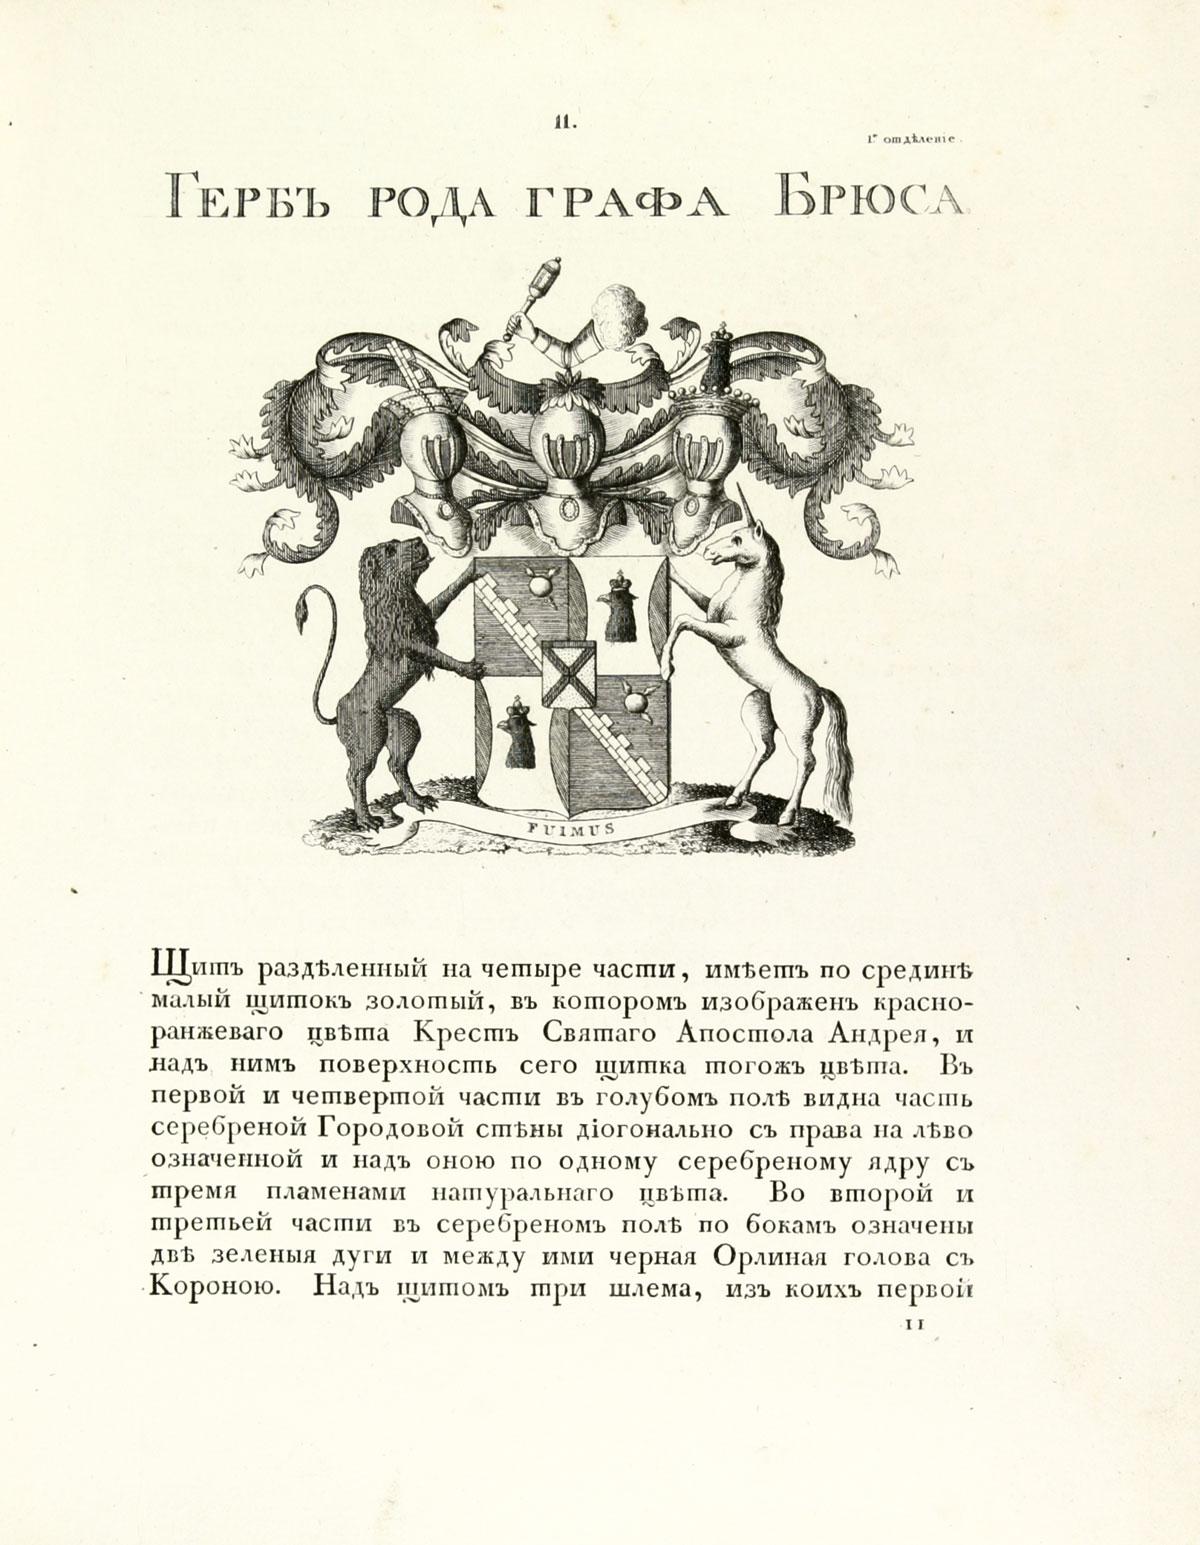 http://gerbovnik.ru/og/v2/p0036.jpg